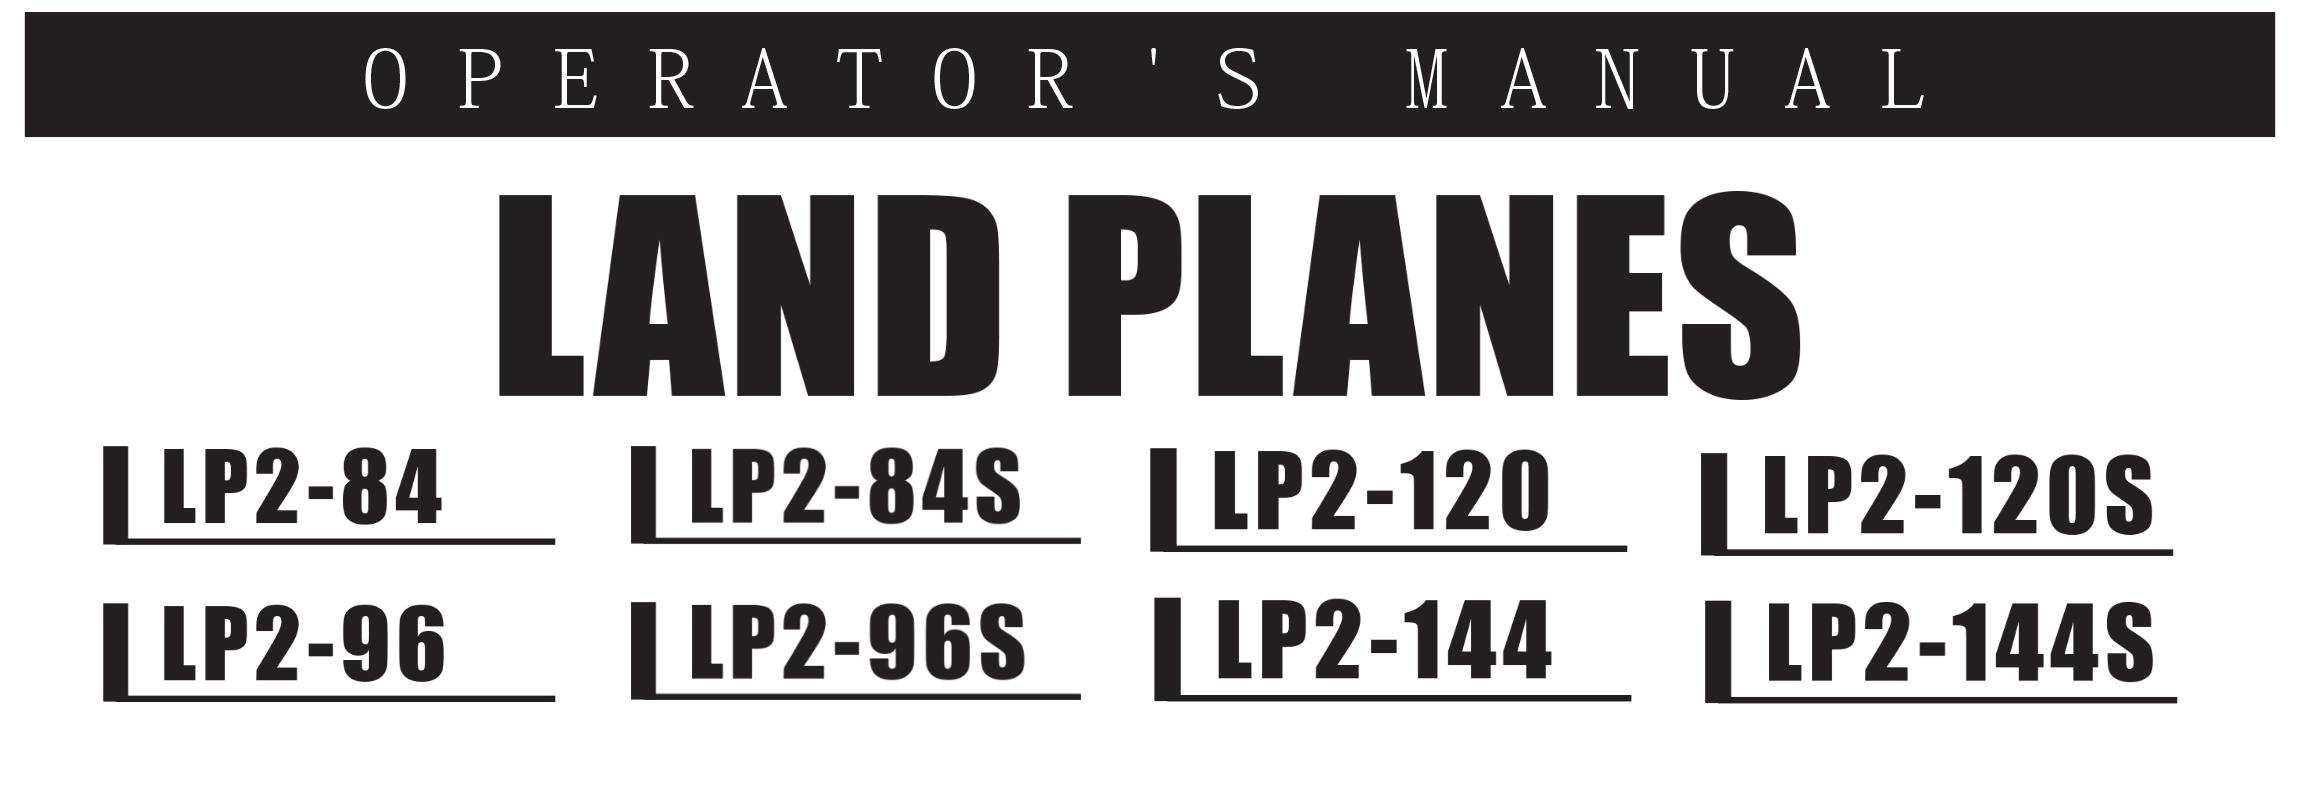 LP2 Series Owners Manual